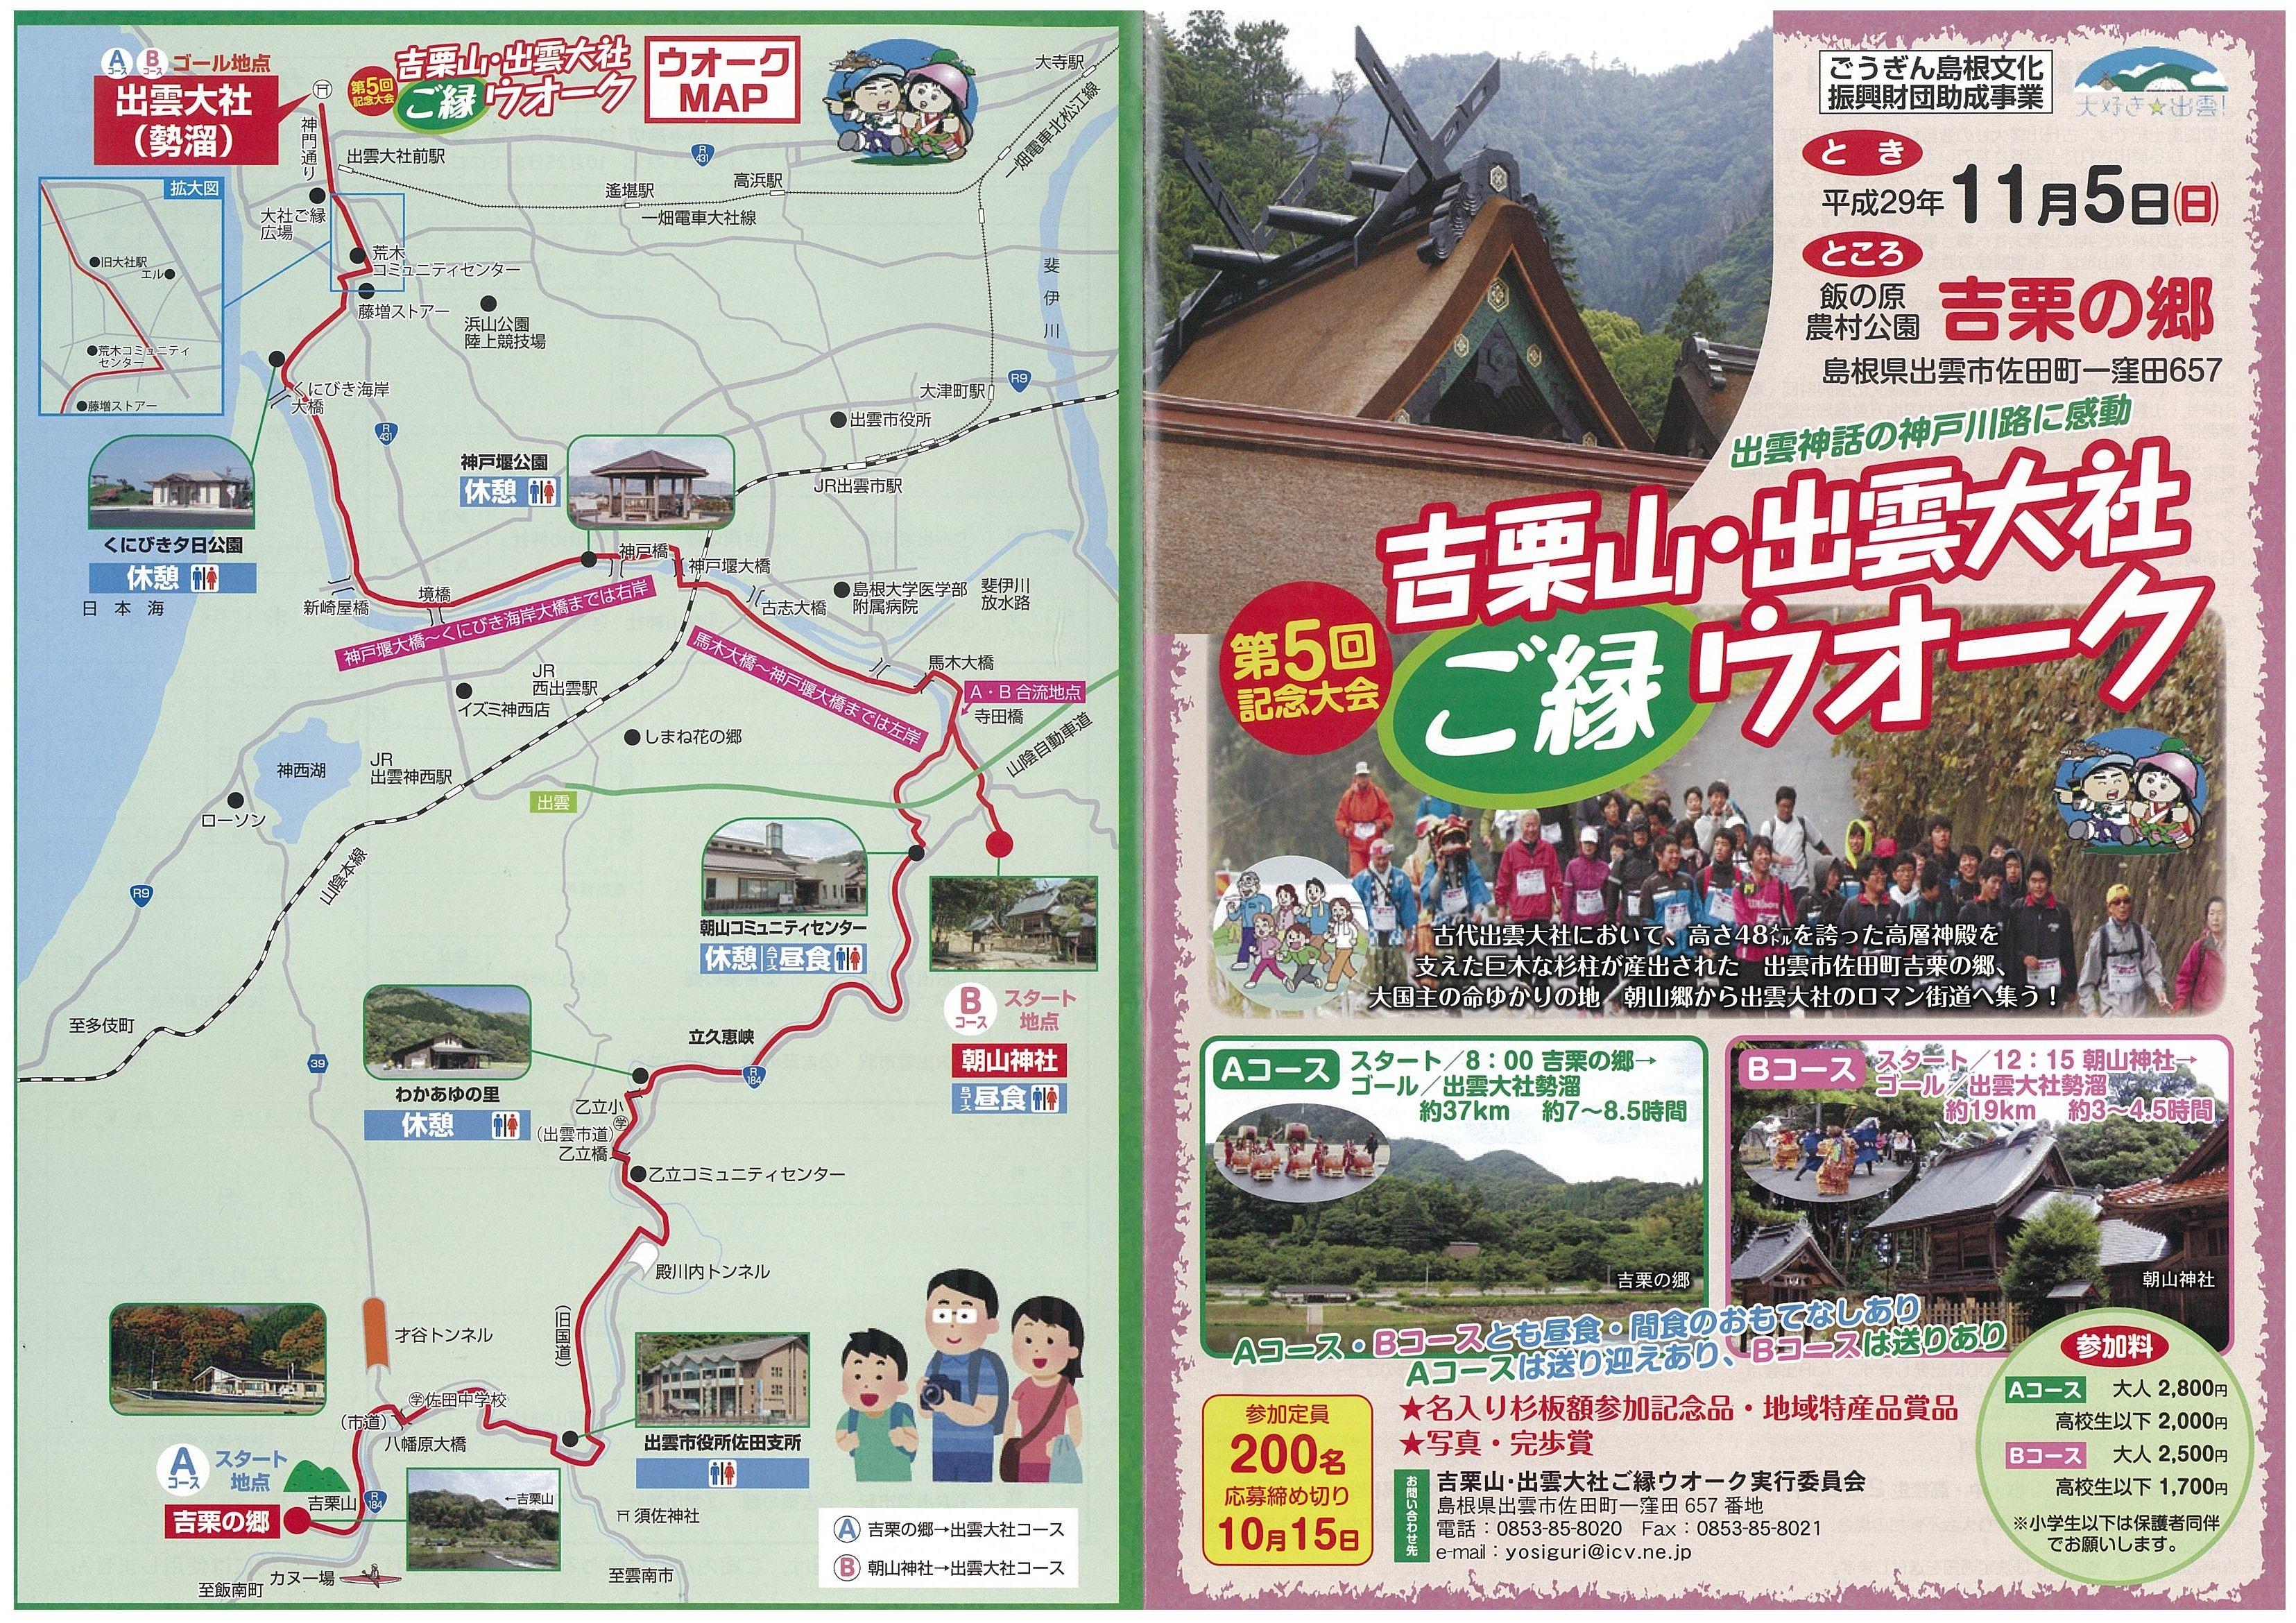 第5回記念大会 吉栗山・出雲大社ご縁ウオークを開催致します。